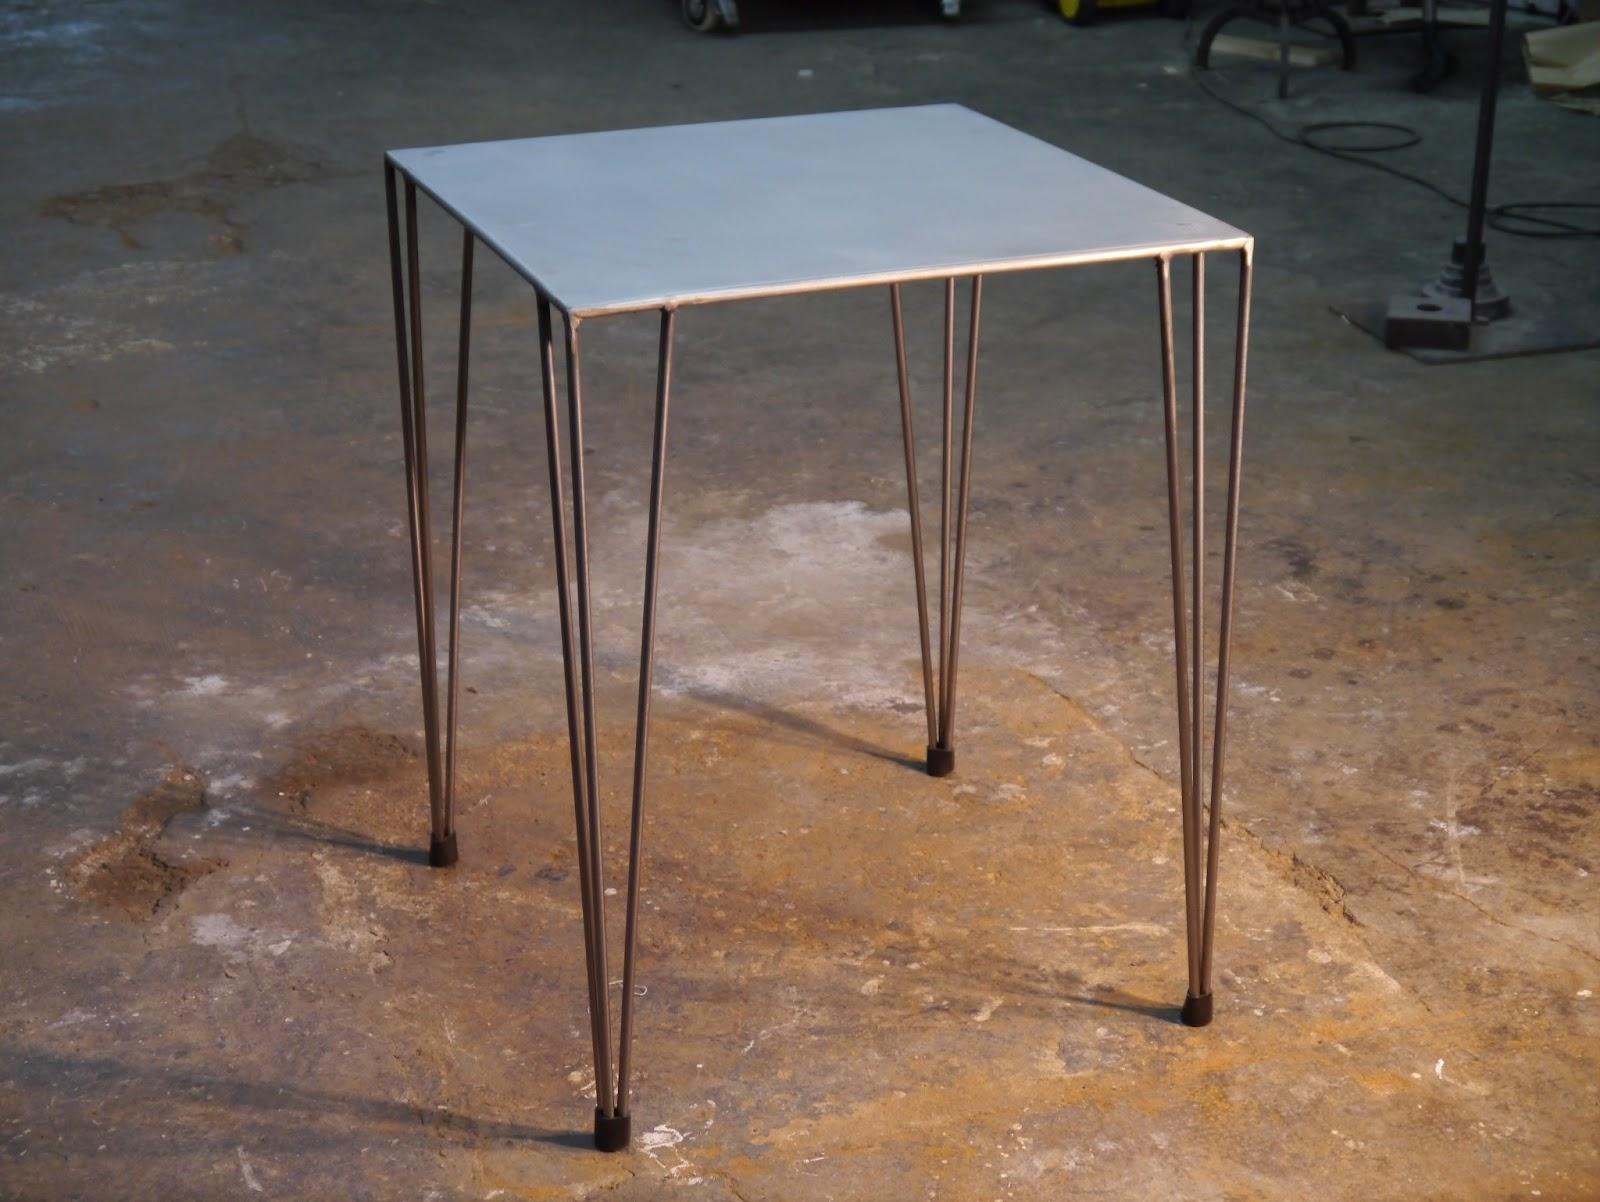 Mesas y sillas retro mobiliario vintage de estilo industrial de madera y hierro silla vintage - Sillas hosteleria barcelona ...